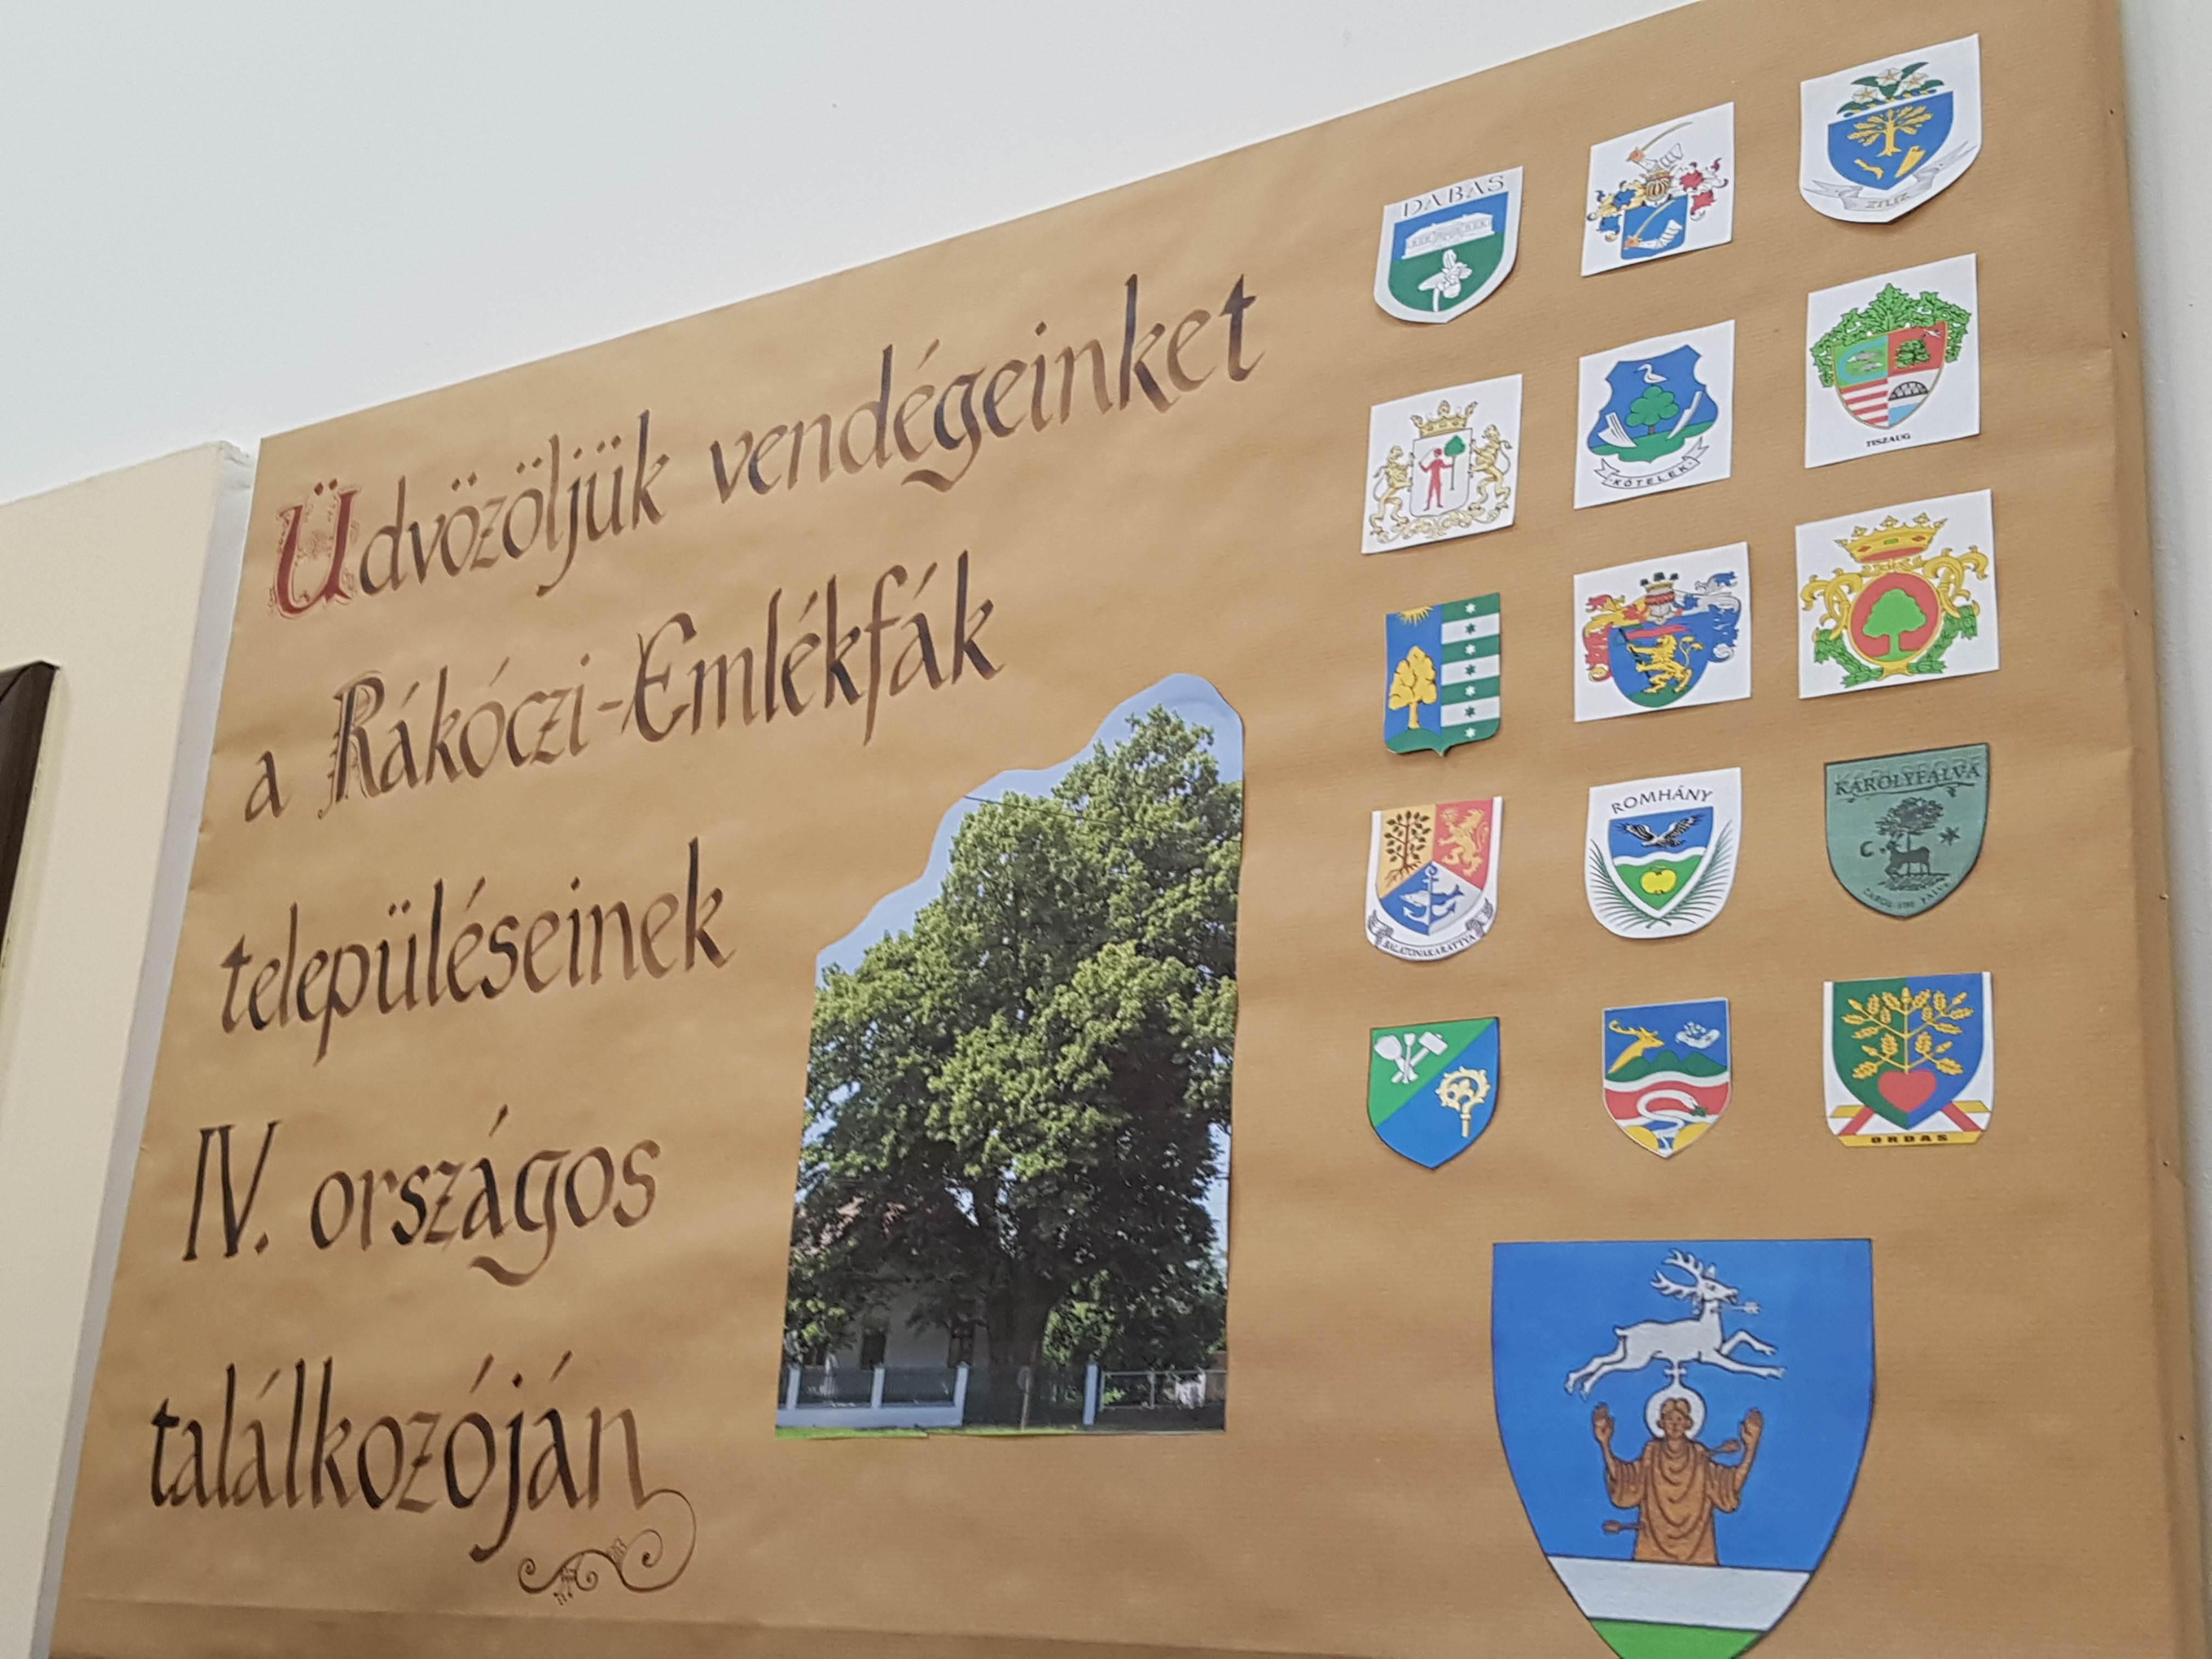 Rákóczi-emlékfák településeinek IV. országos találkozója Sajósenyén